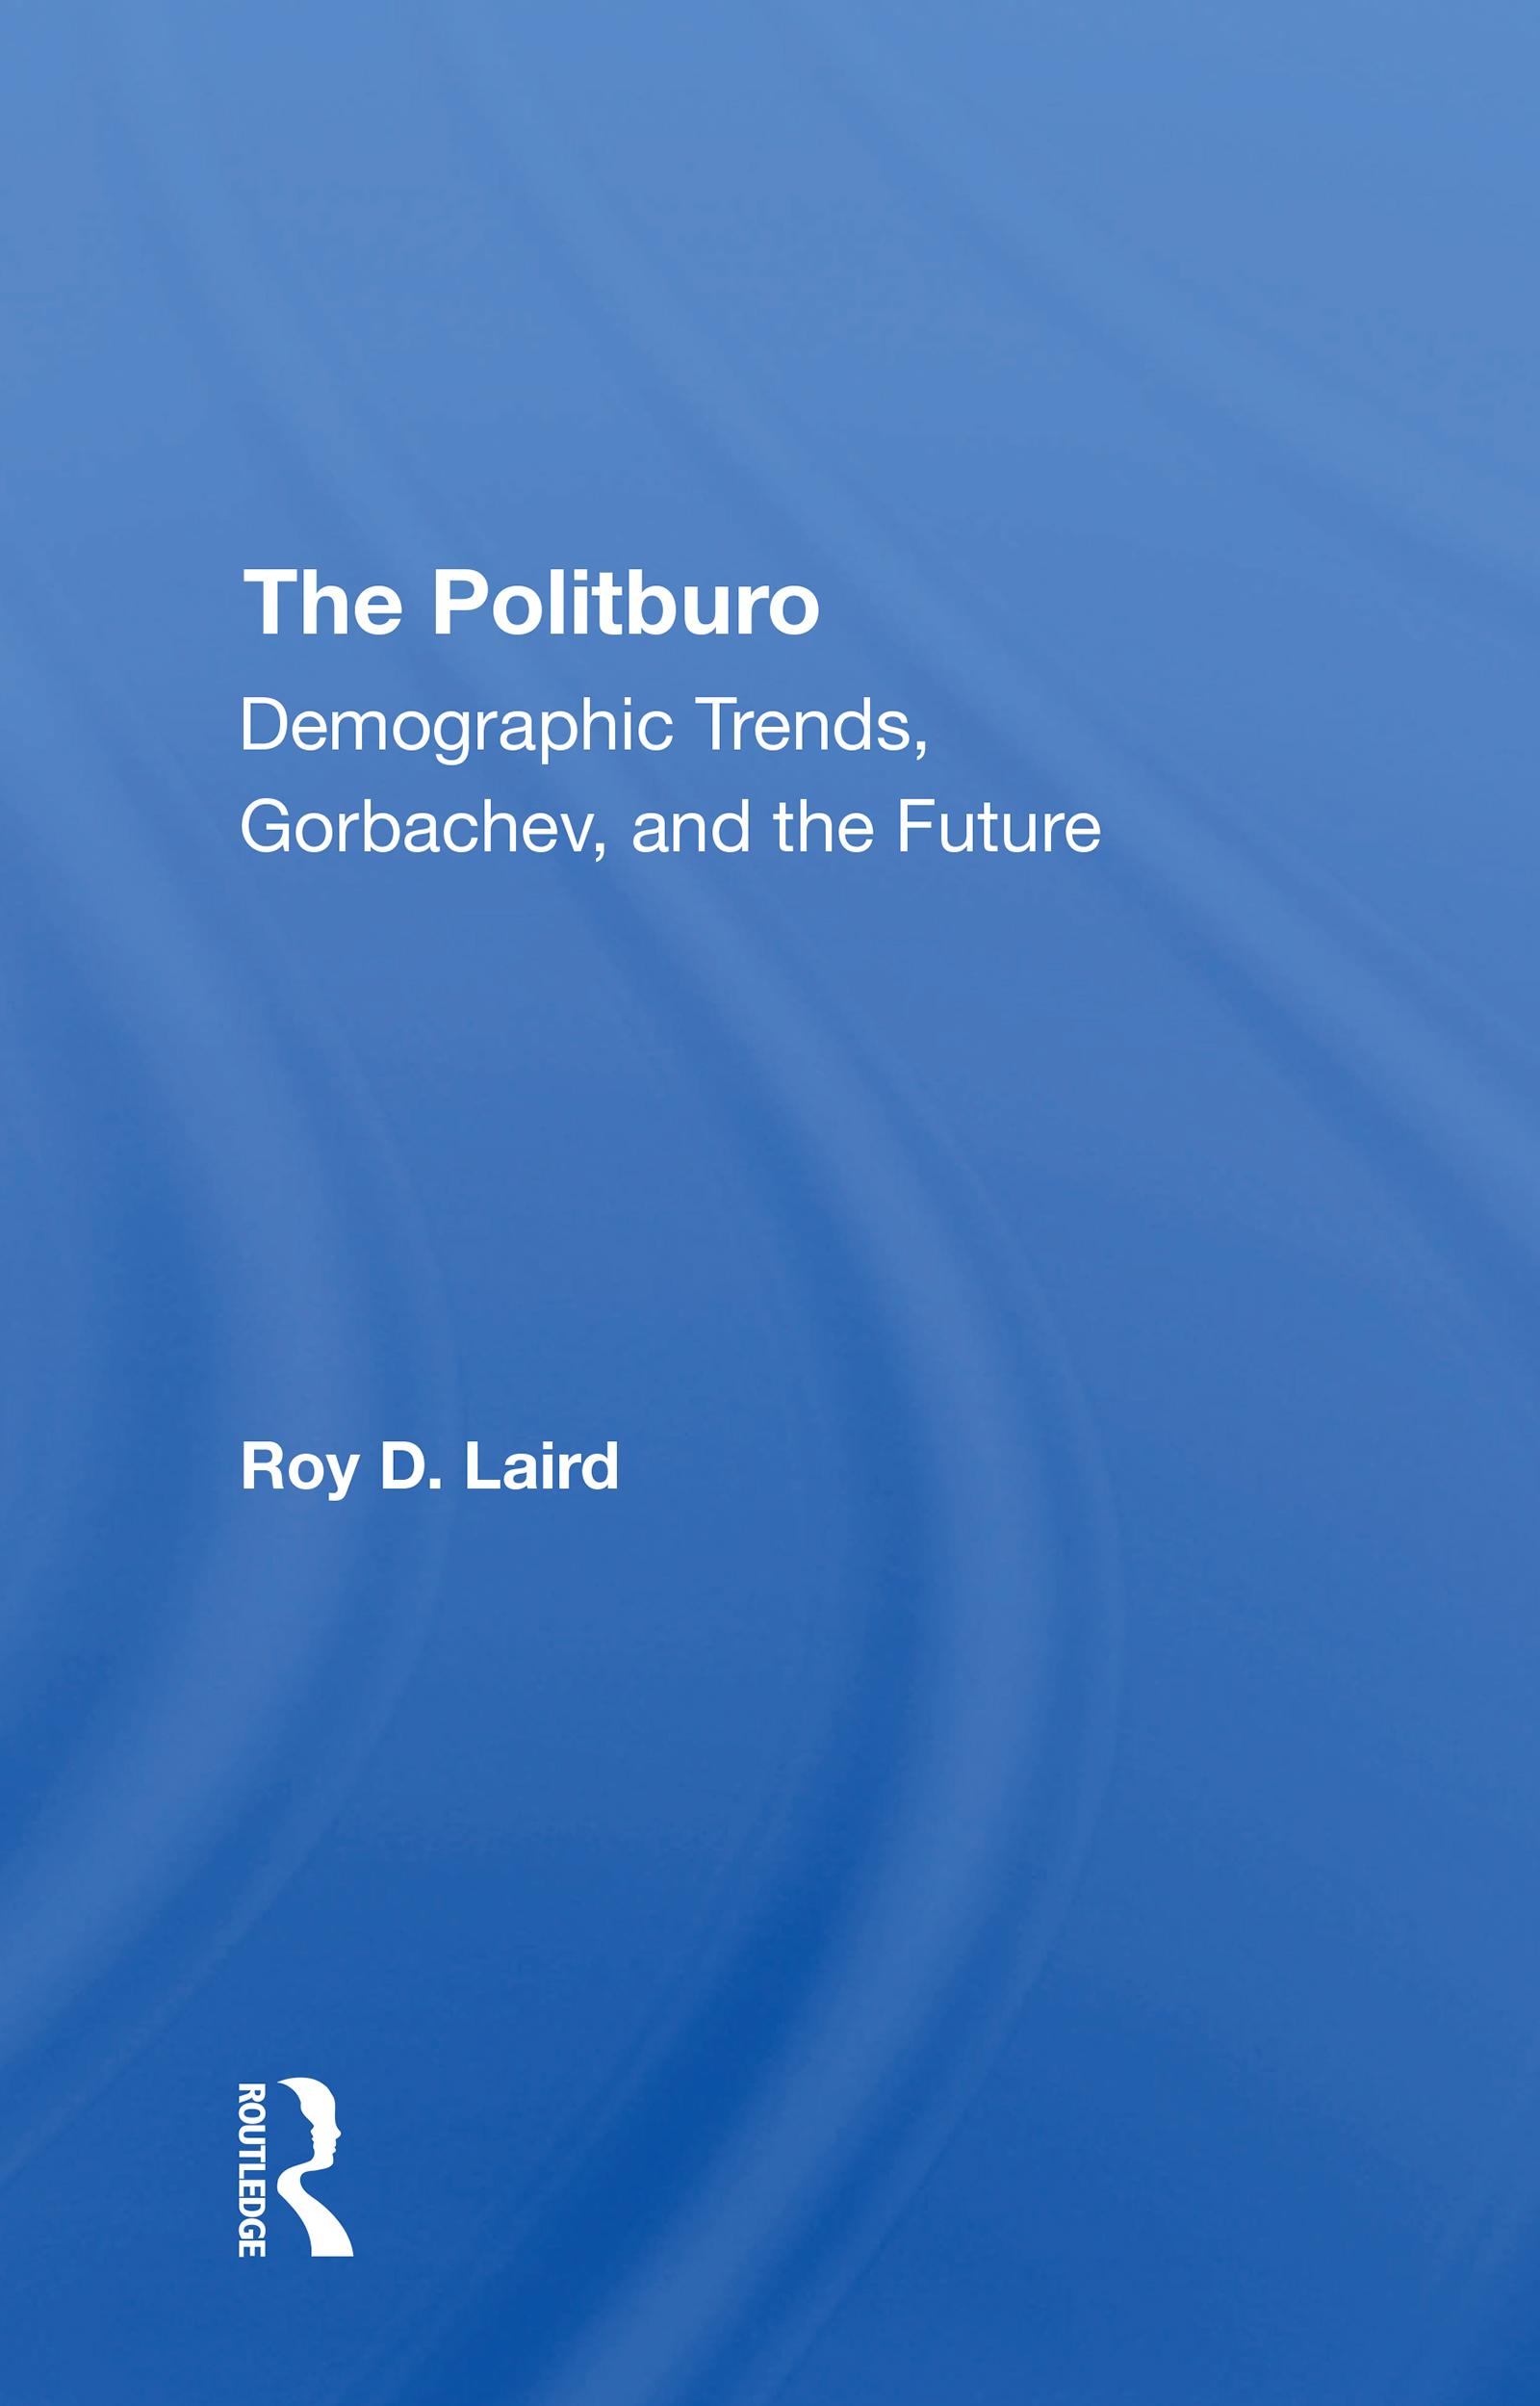 The Politburo